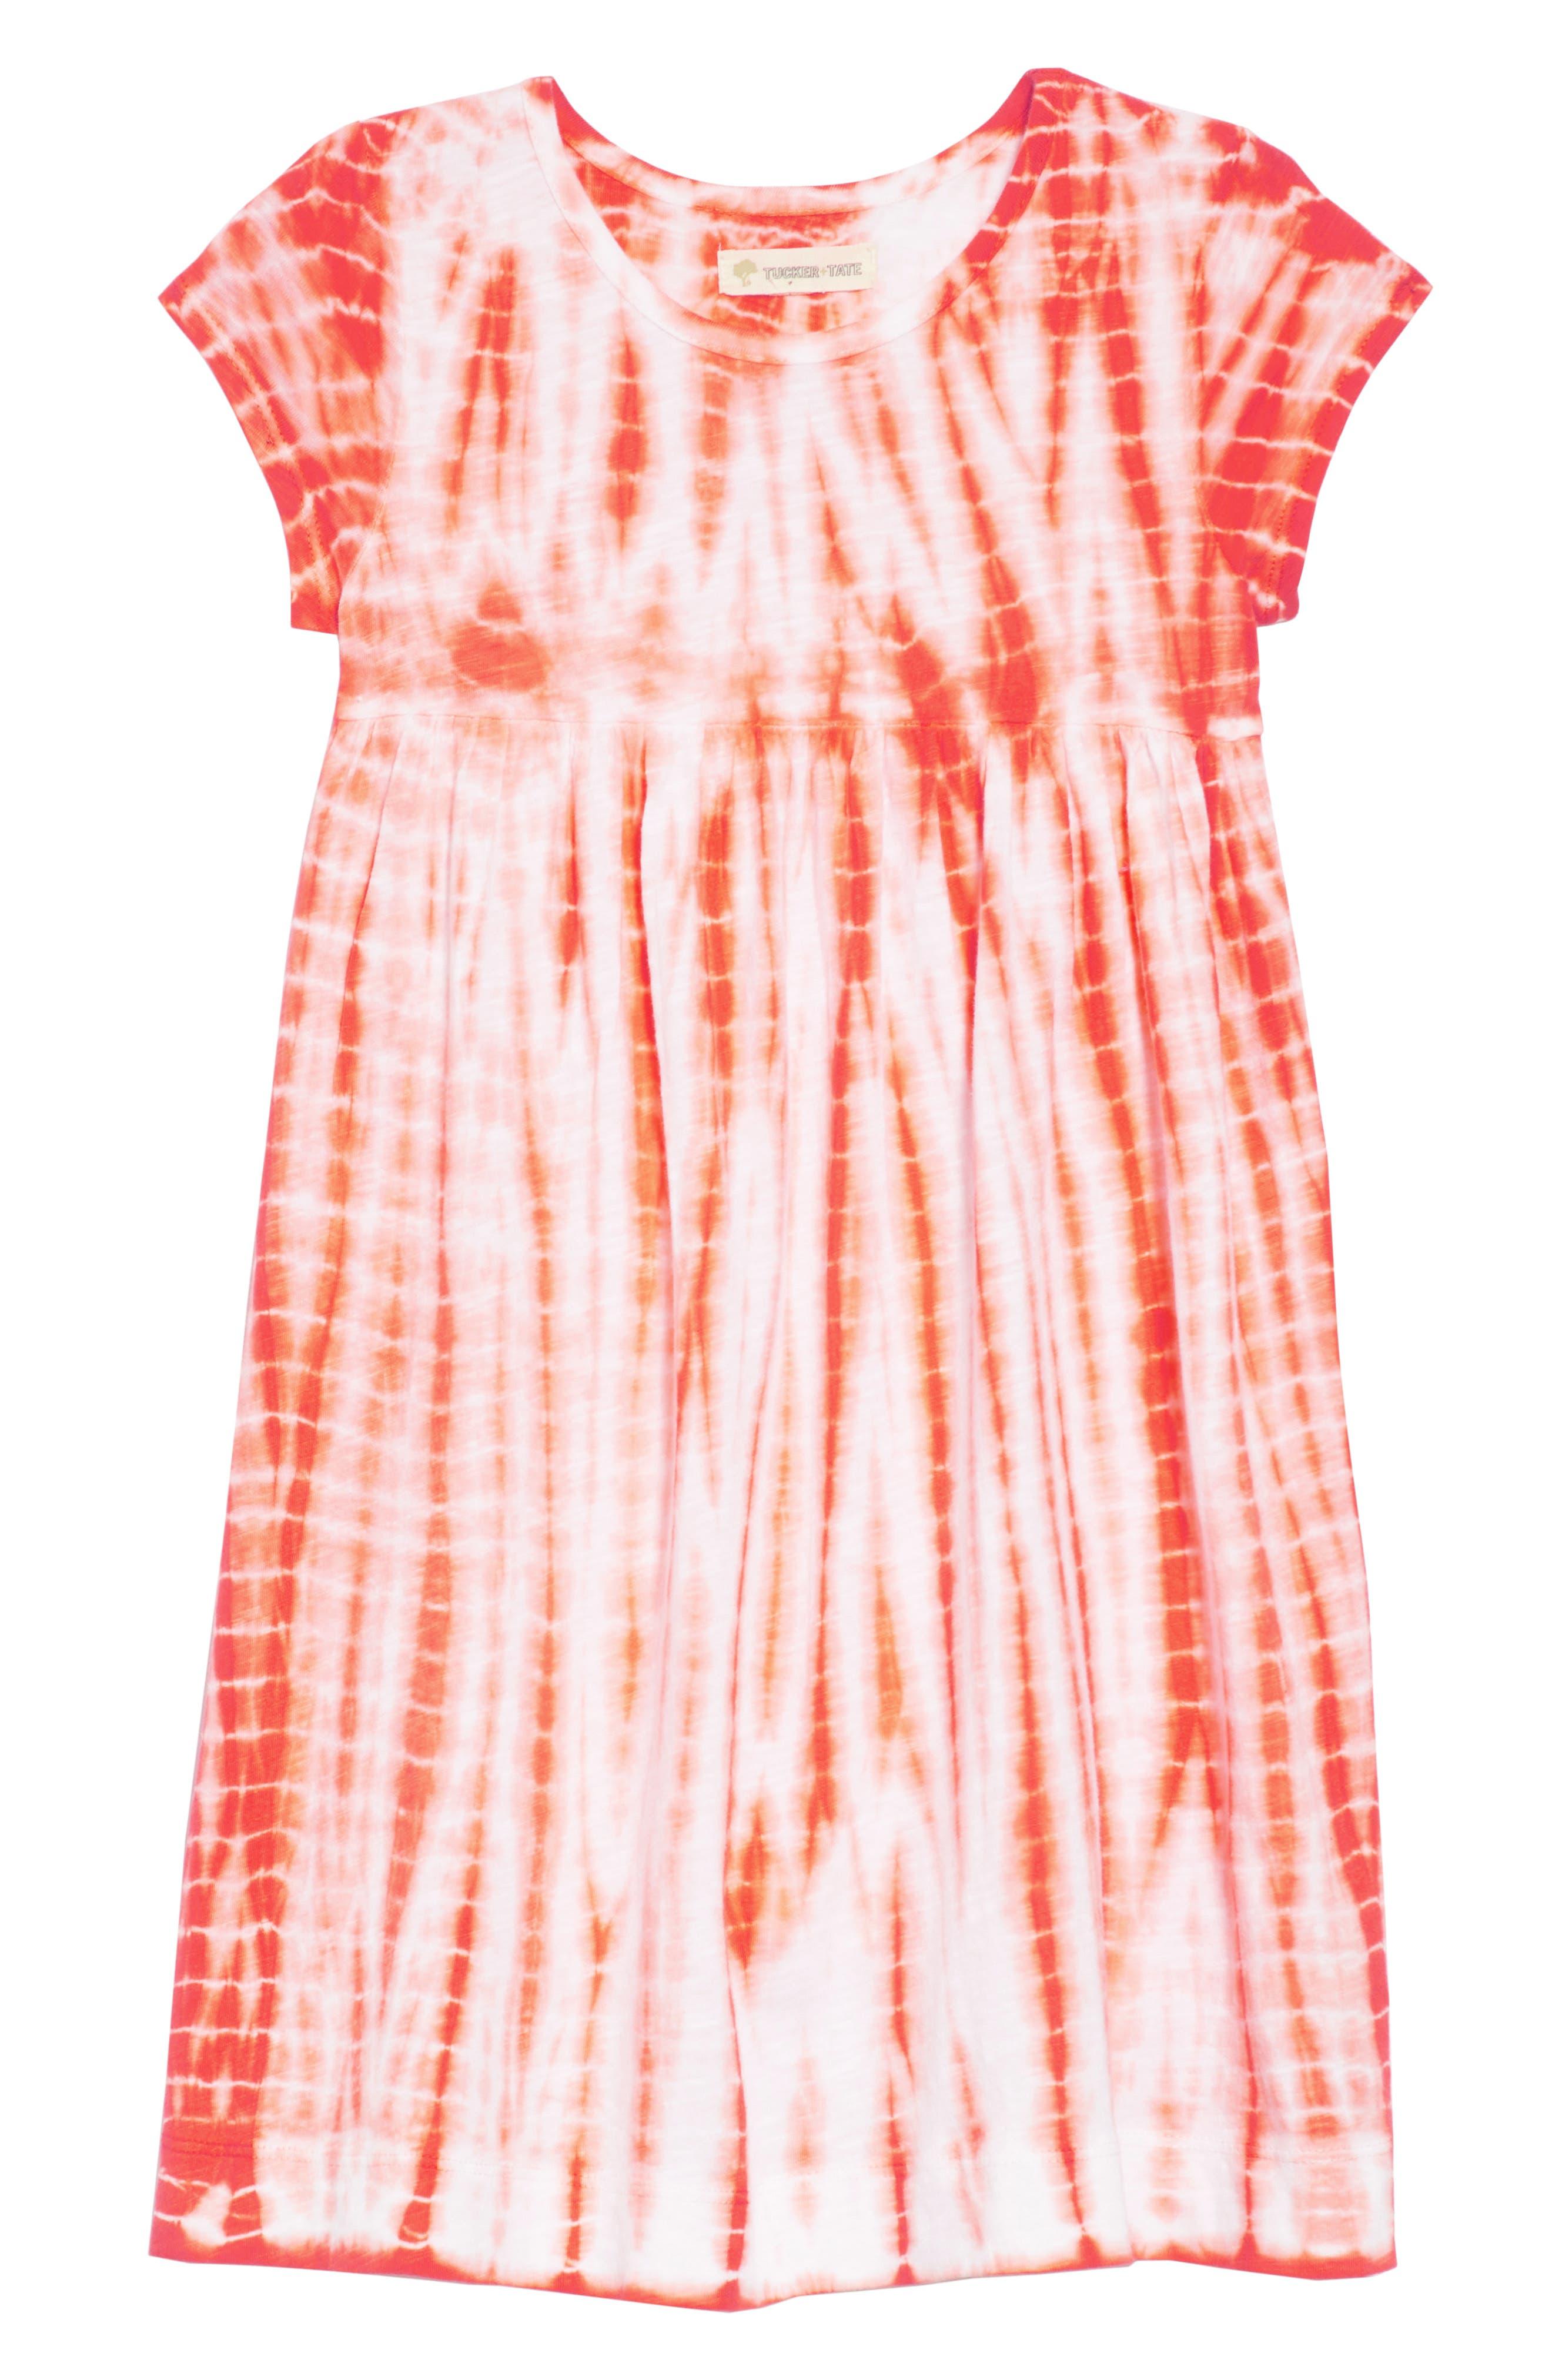 Tie Dye Dress,                         Main,                         color, White- Coral Tie Dye